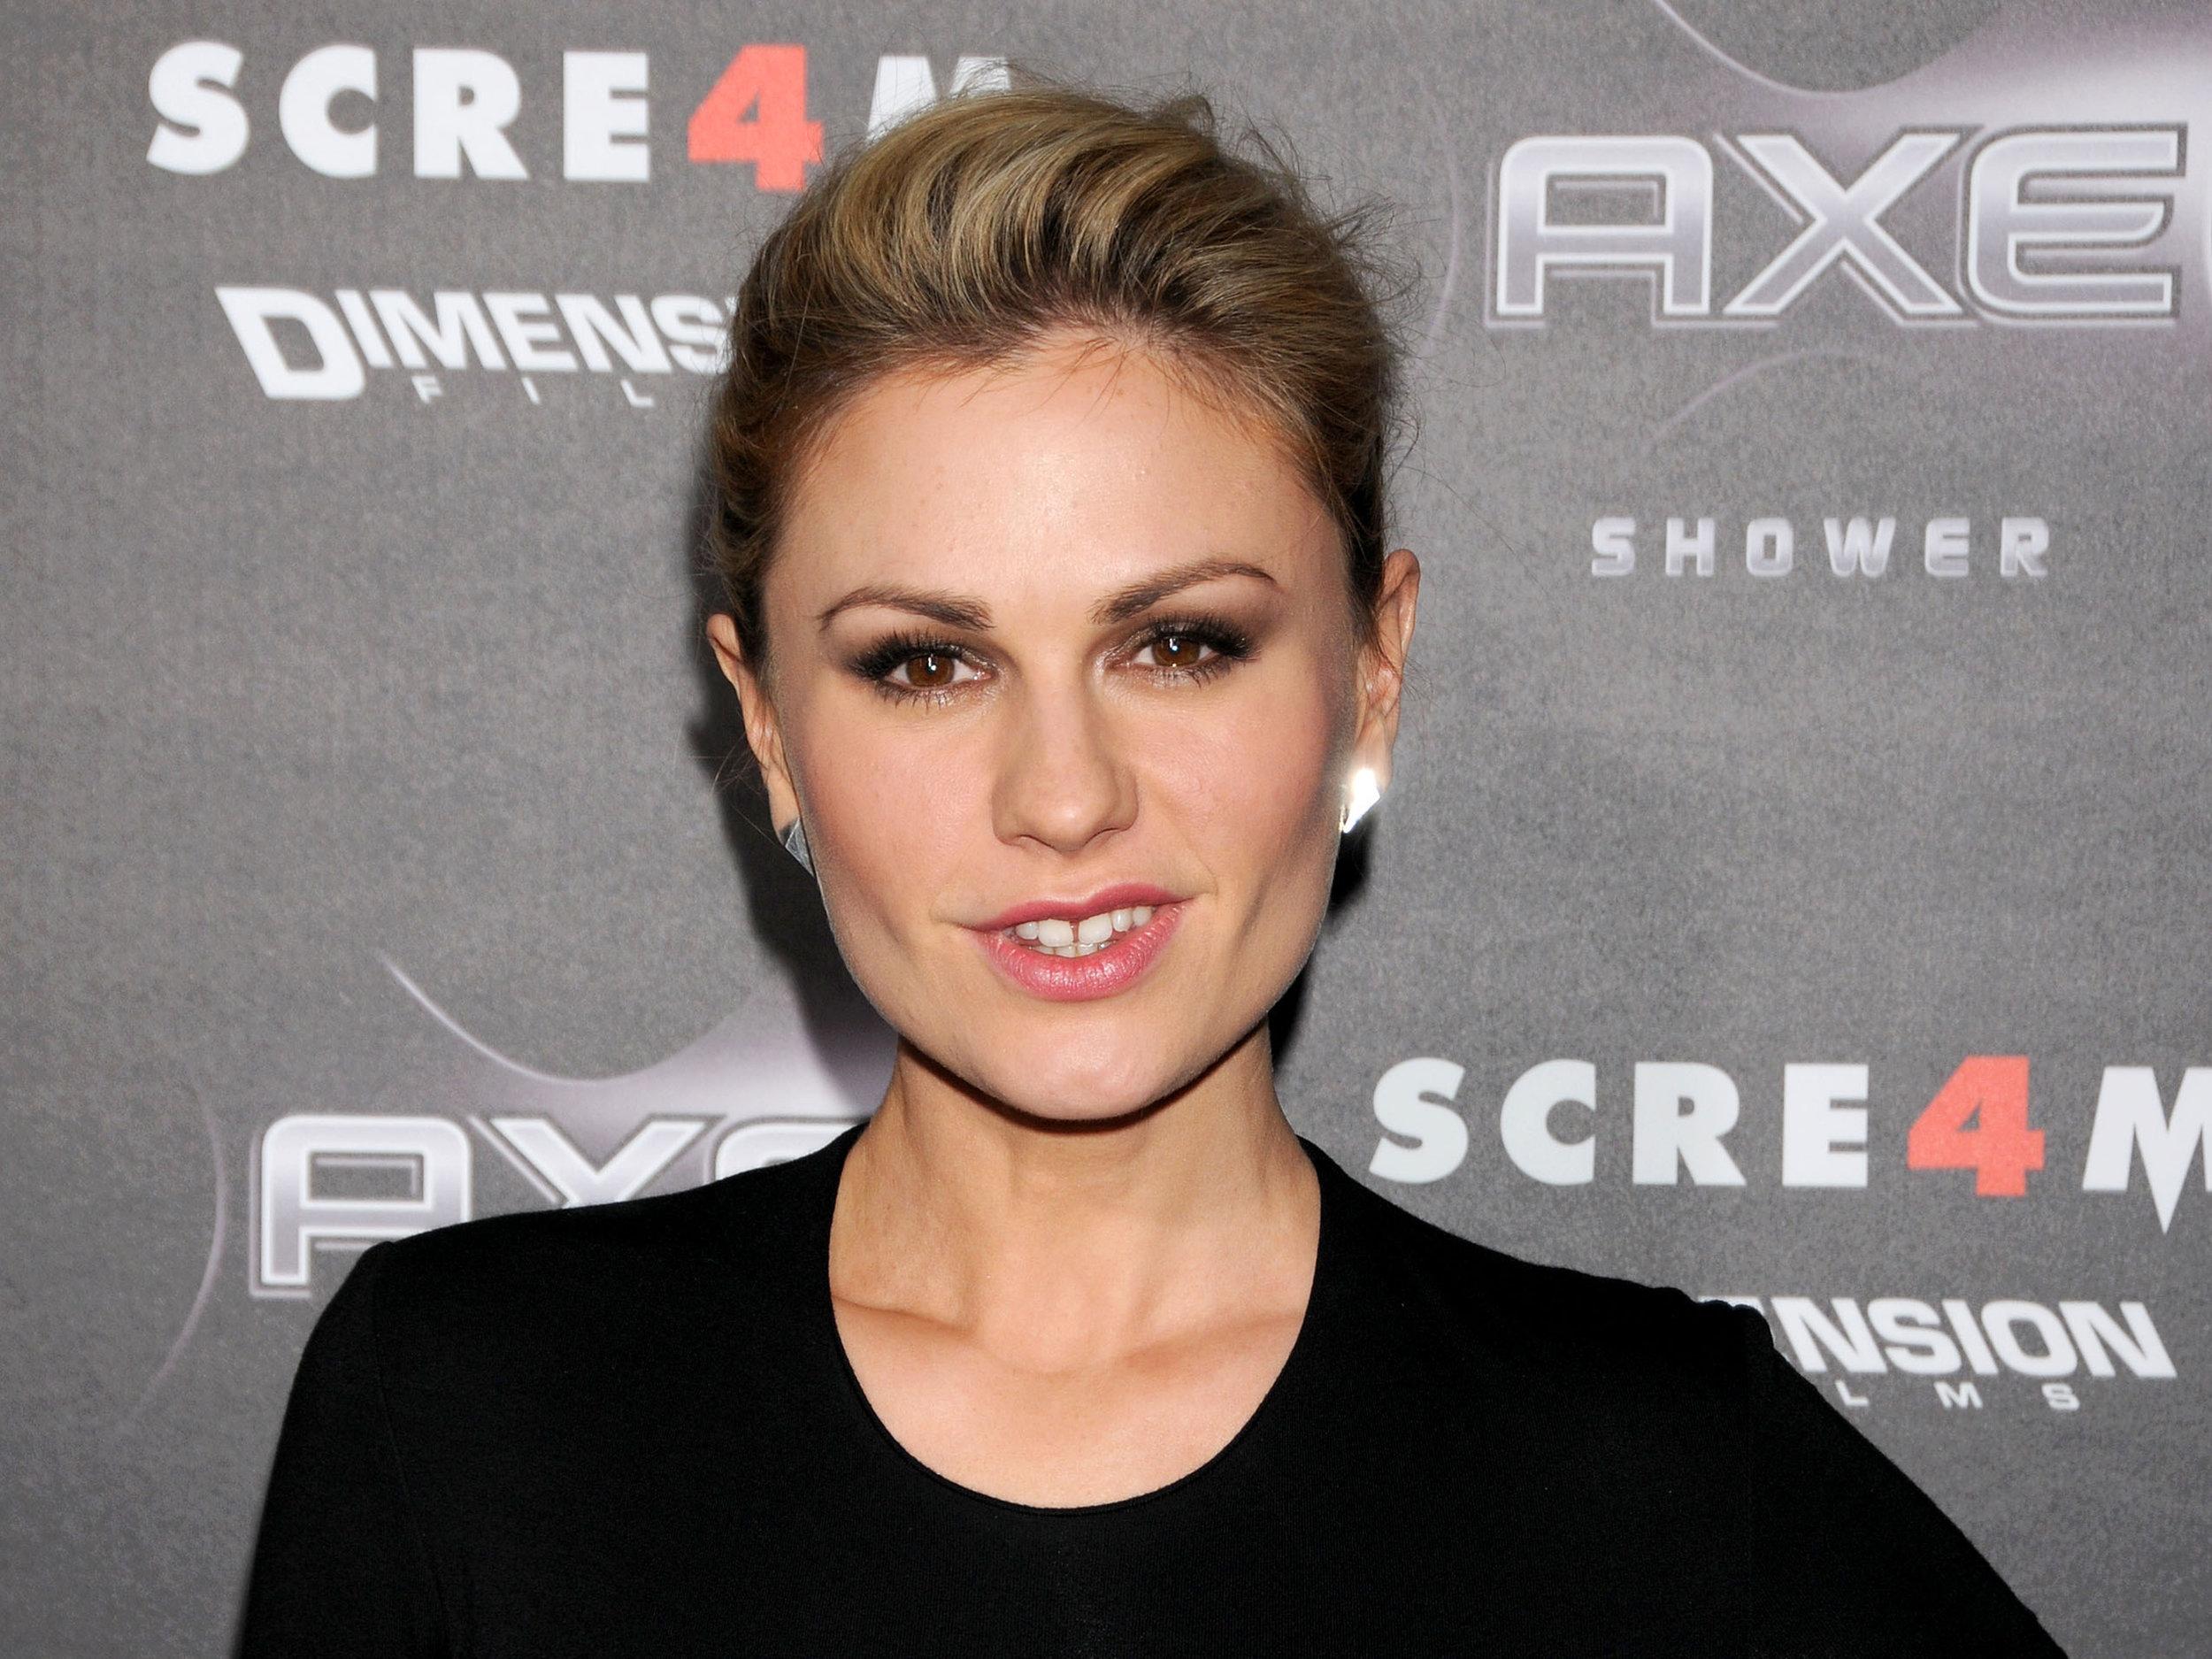 Anna Paquin - Actress